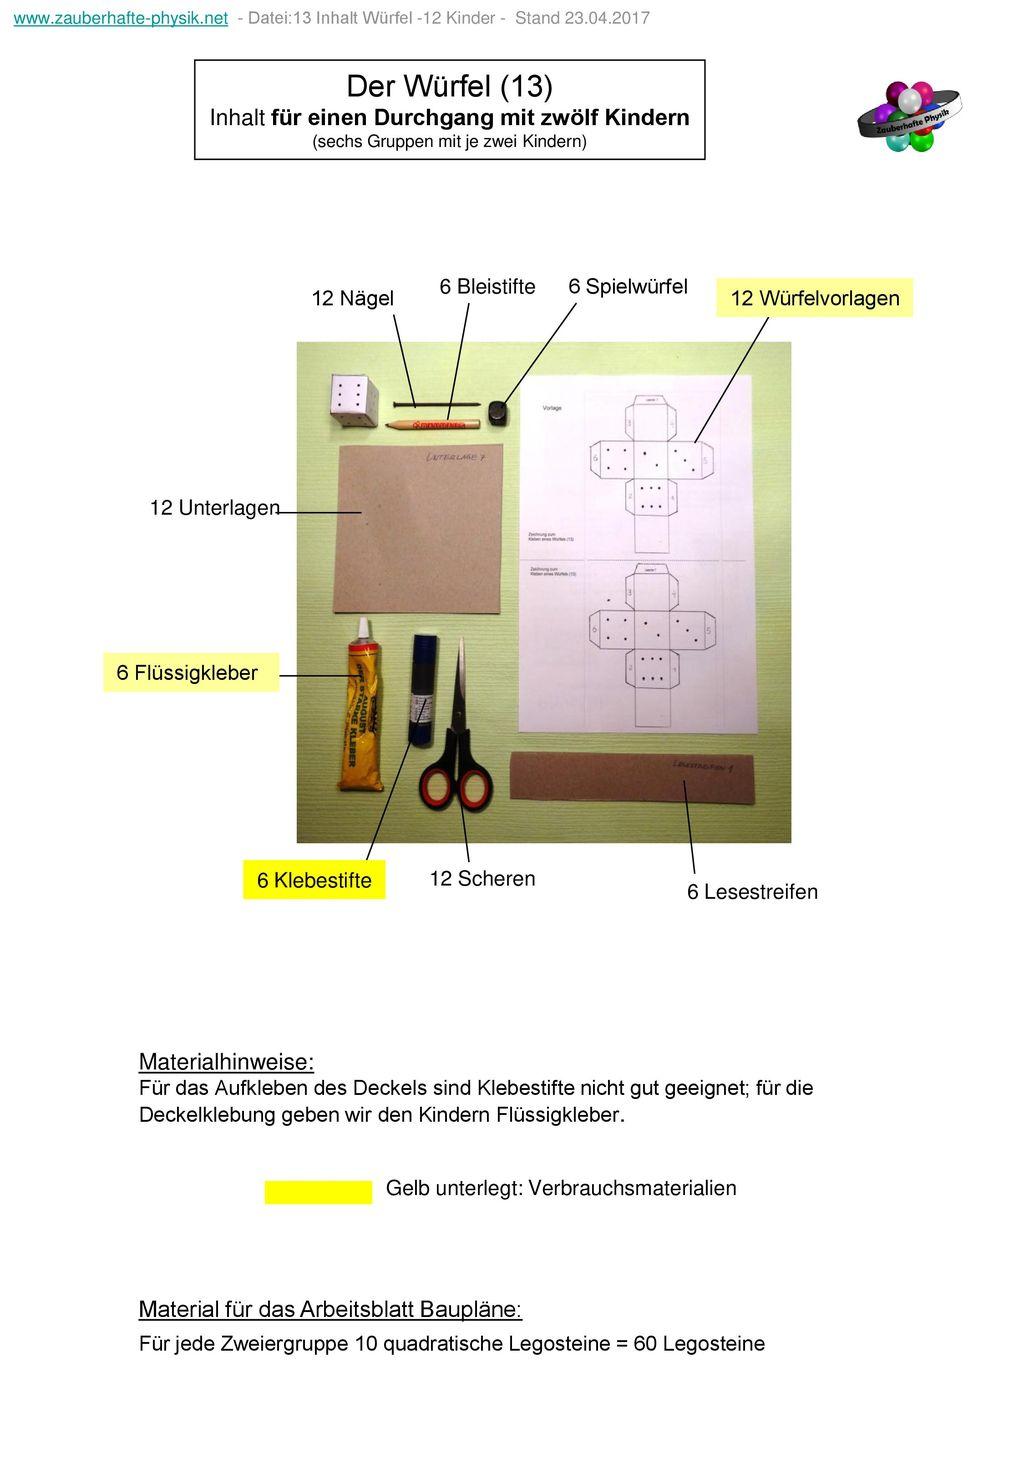 Großzügig Druckbare Würfel Vorlage Ideen - Entry Level Resume ...